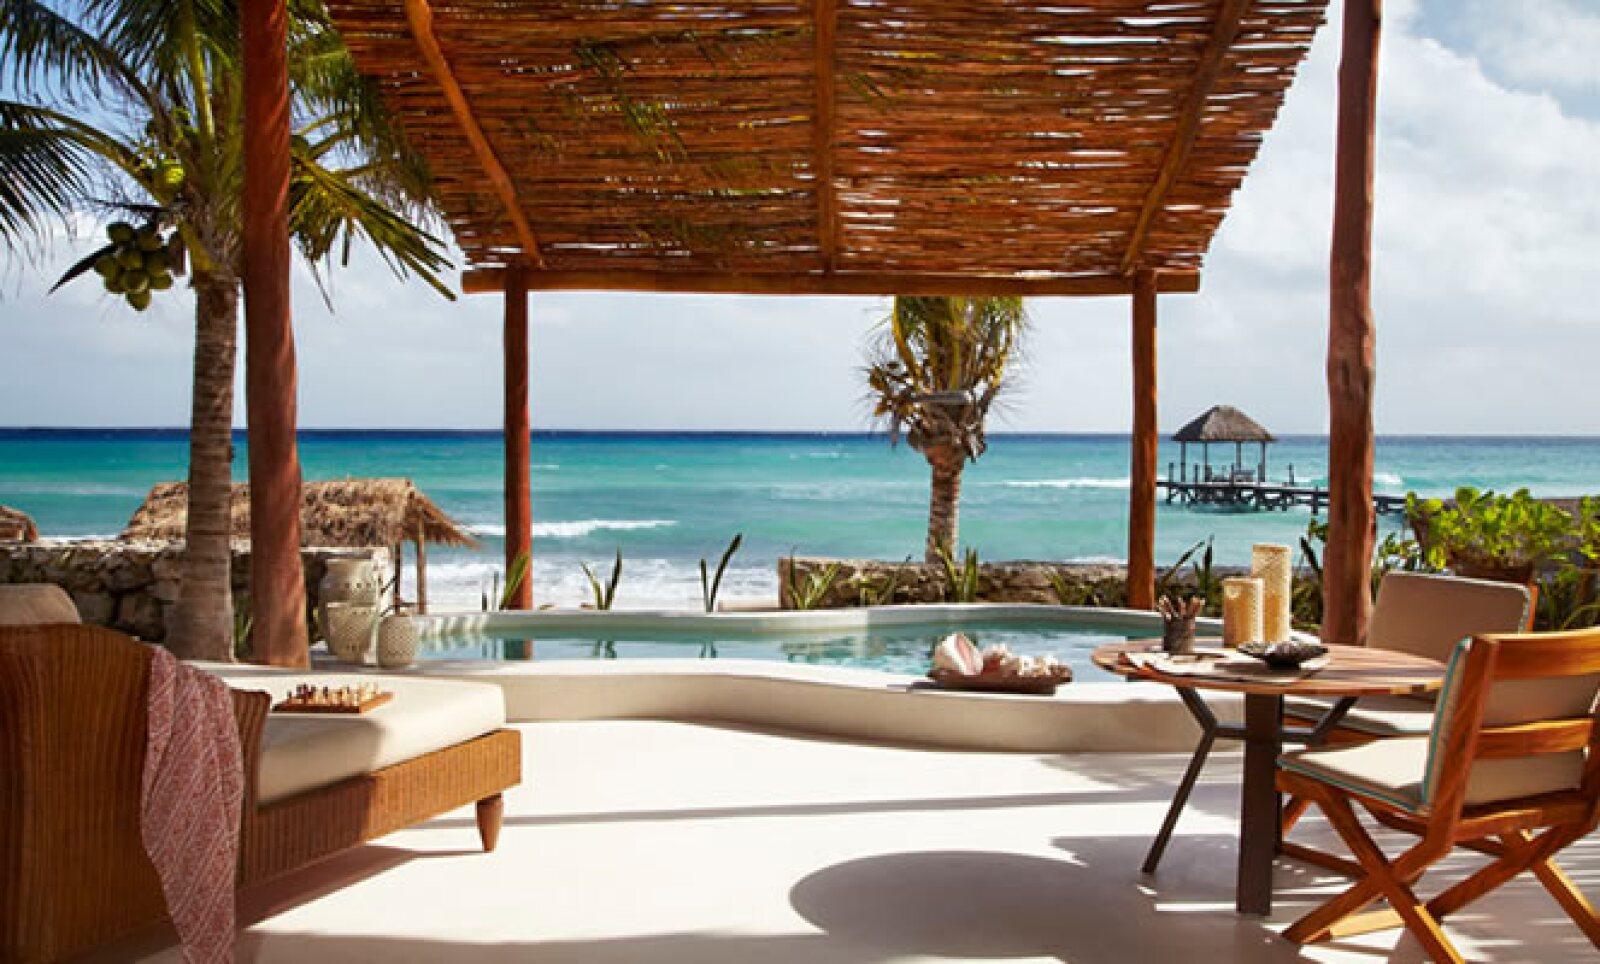 El complejo se sitúa en la costa caribeña de la península de Yucatán en México, ubicado a 35 minutos del Aeropuerto Internacional de Cancún, y diez kilómetros al norte de Playa del Carmen.